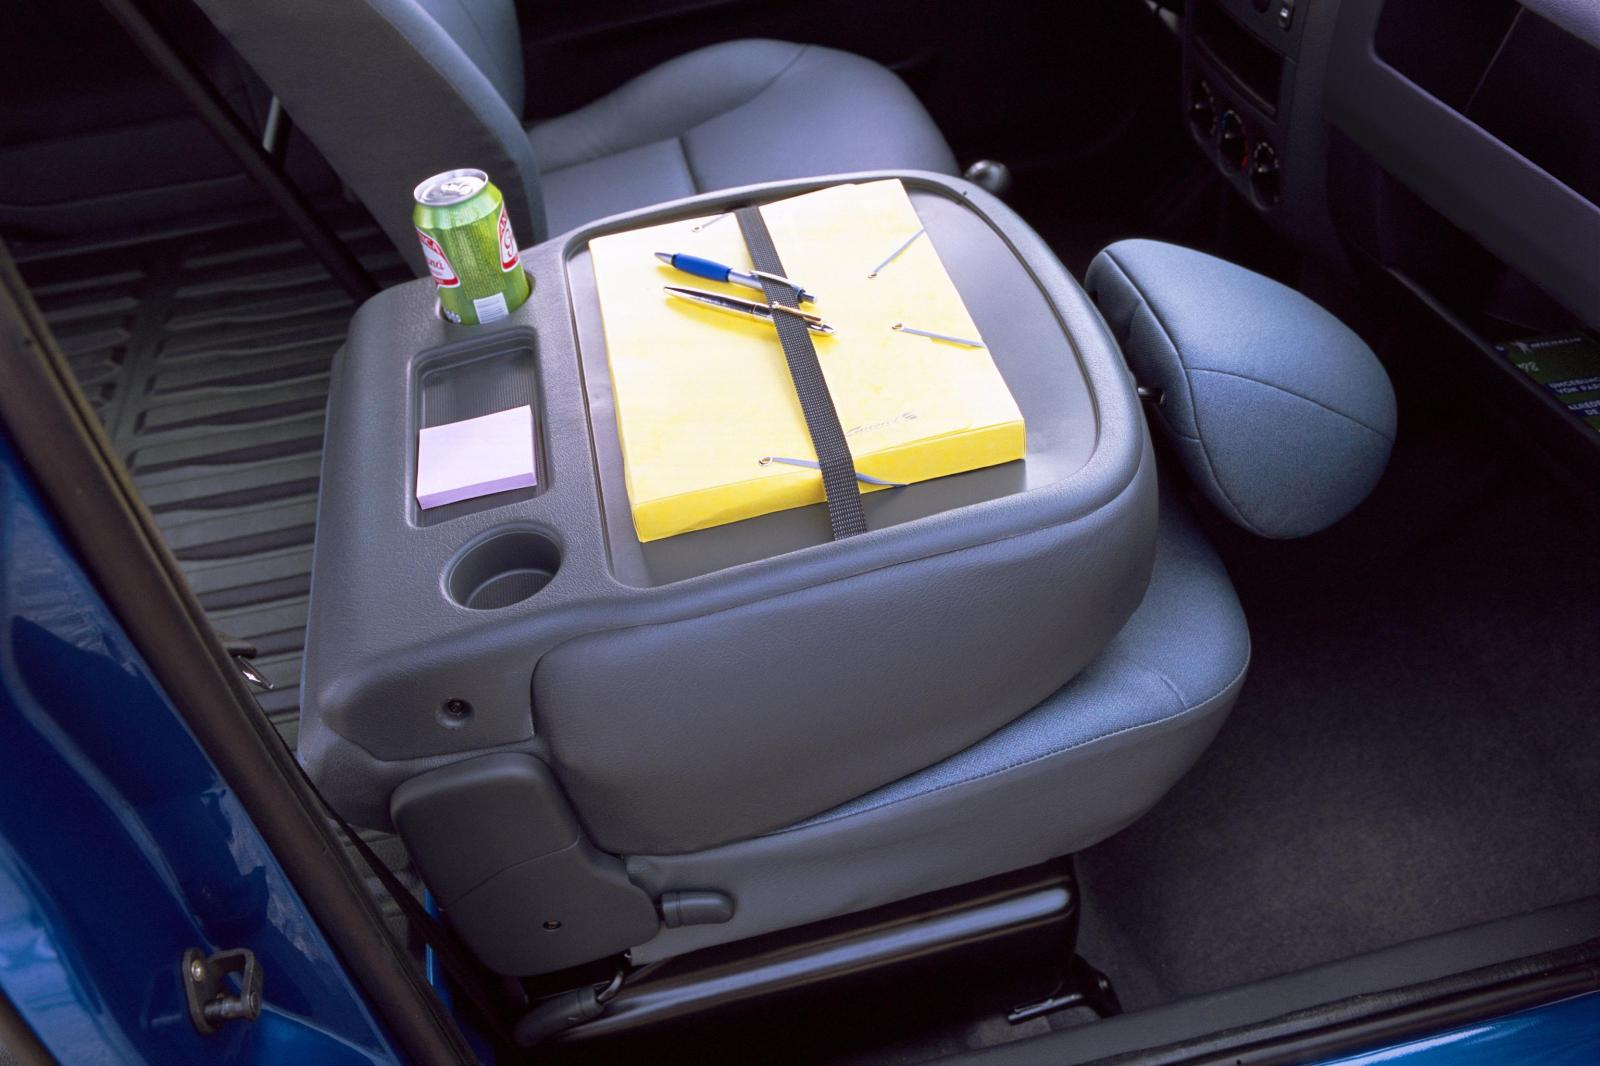 Berlingo 2002 sièges rabattus